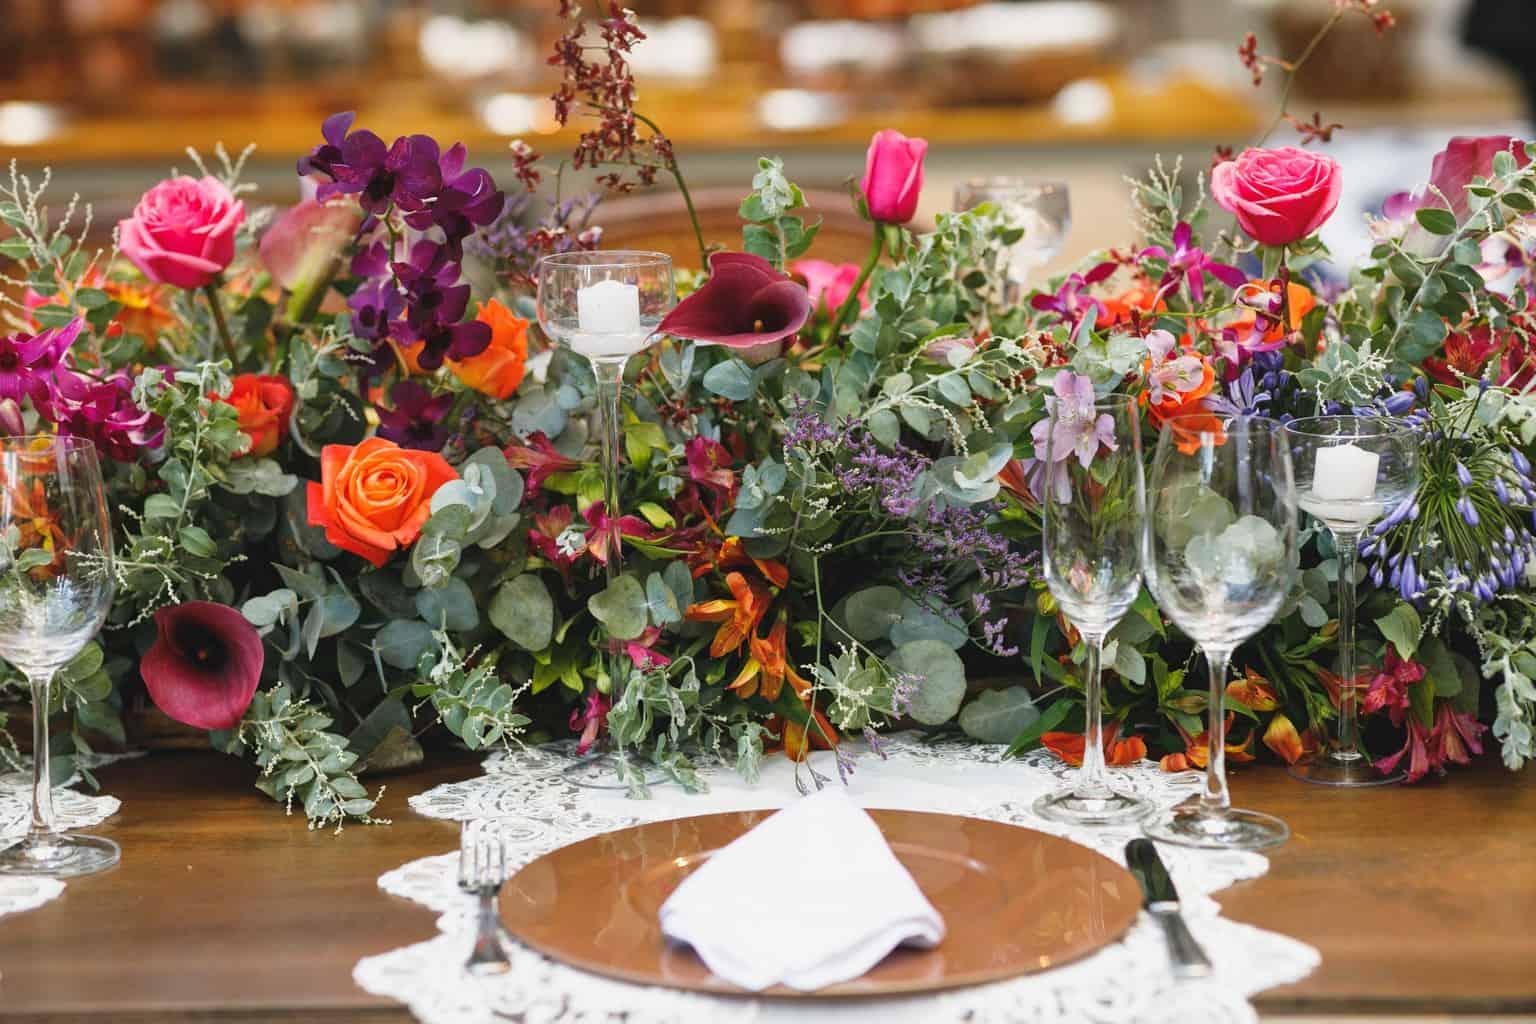 casamento-na-Fazenda-Vila-Rica-cerimonial-Ana-Paula-Tabet-decoracao-colorida-Fotografia-Euka-Weddings-Renata-e-Gabriel17